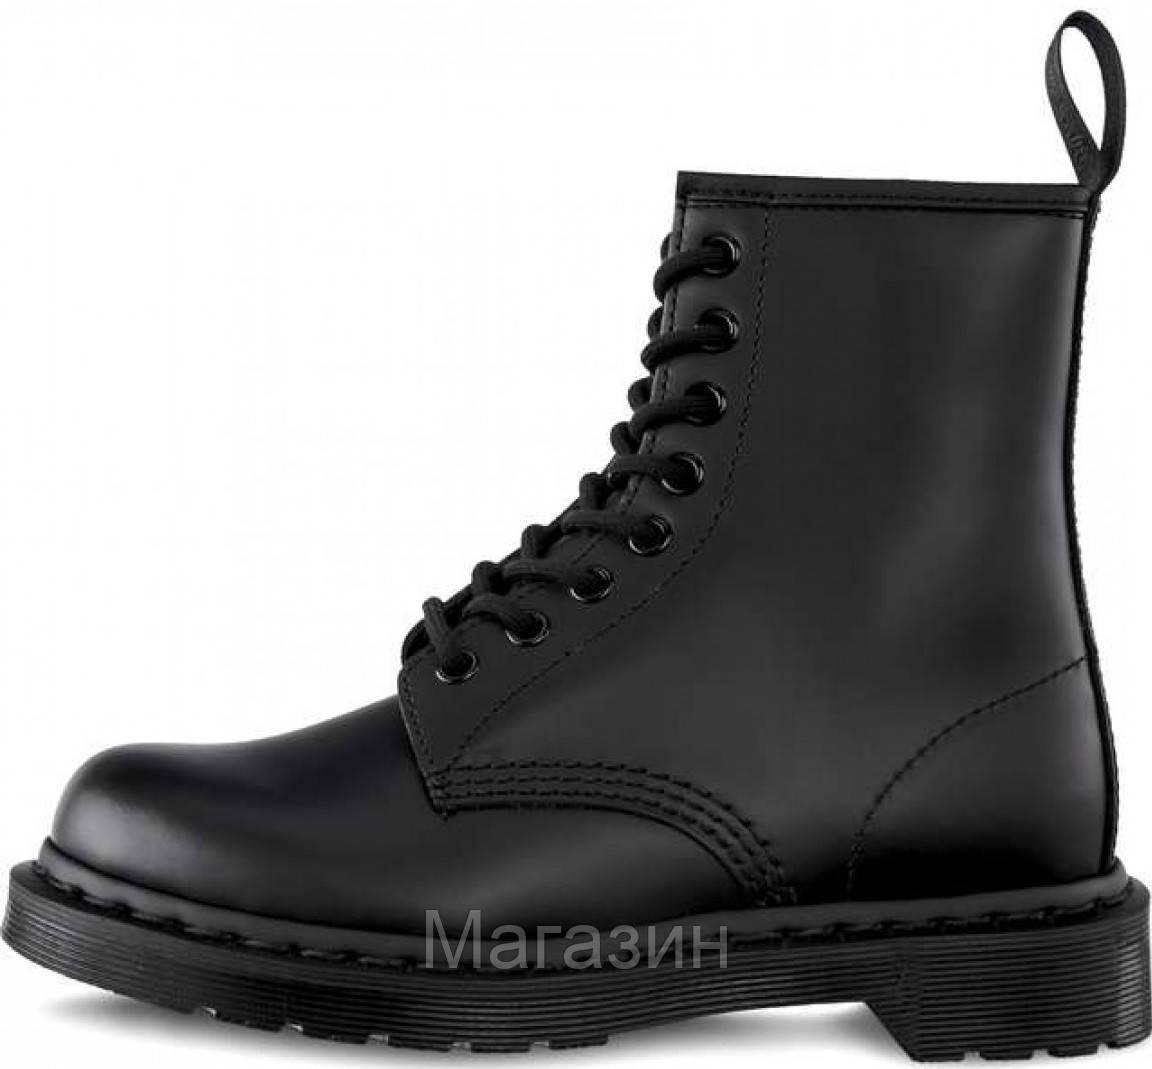 Женские зимние ботинки Dr. Martens 1460 Winter Fur Black Доктор Мартинс С МЕХОМ черные